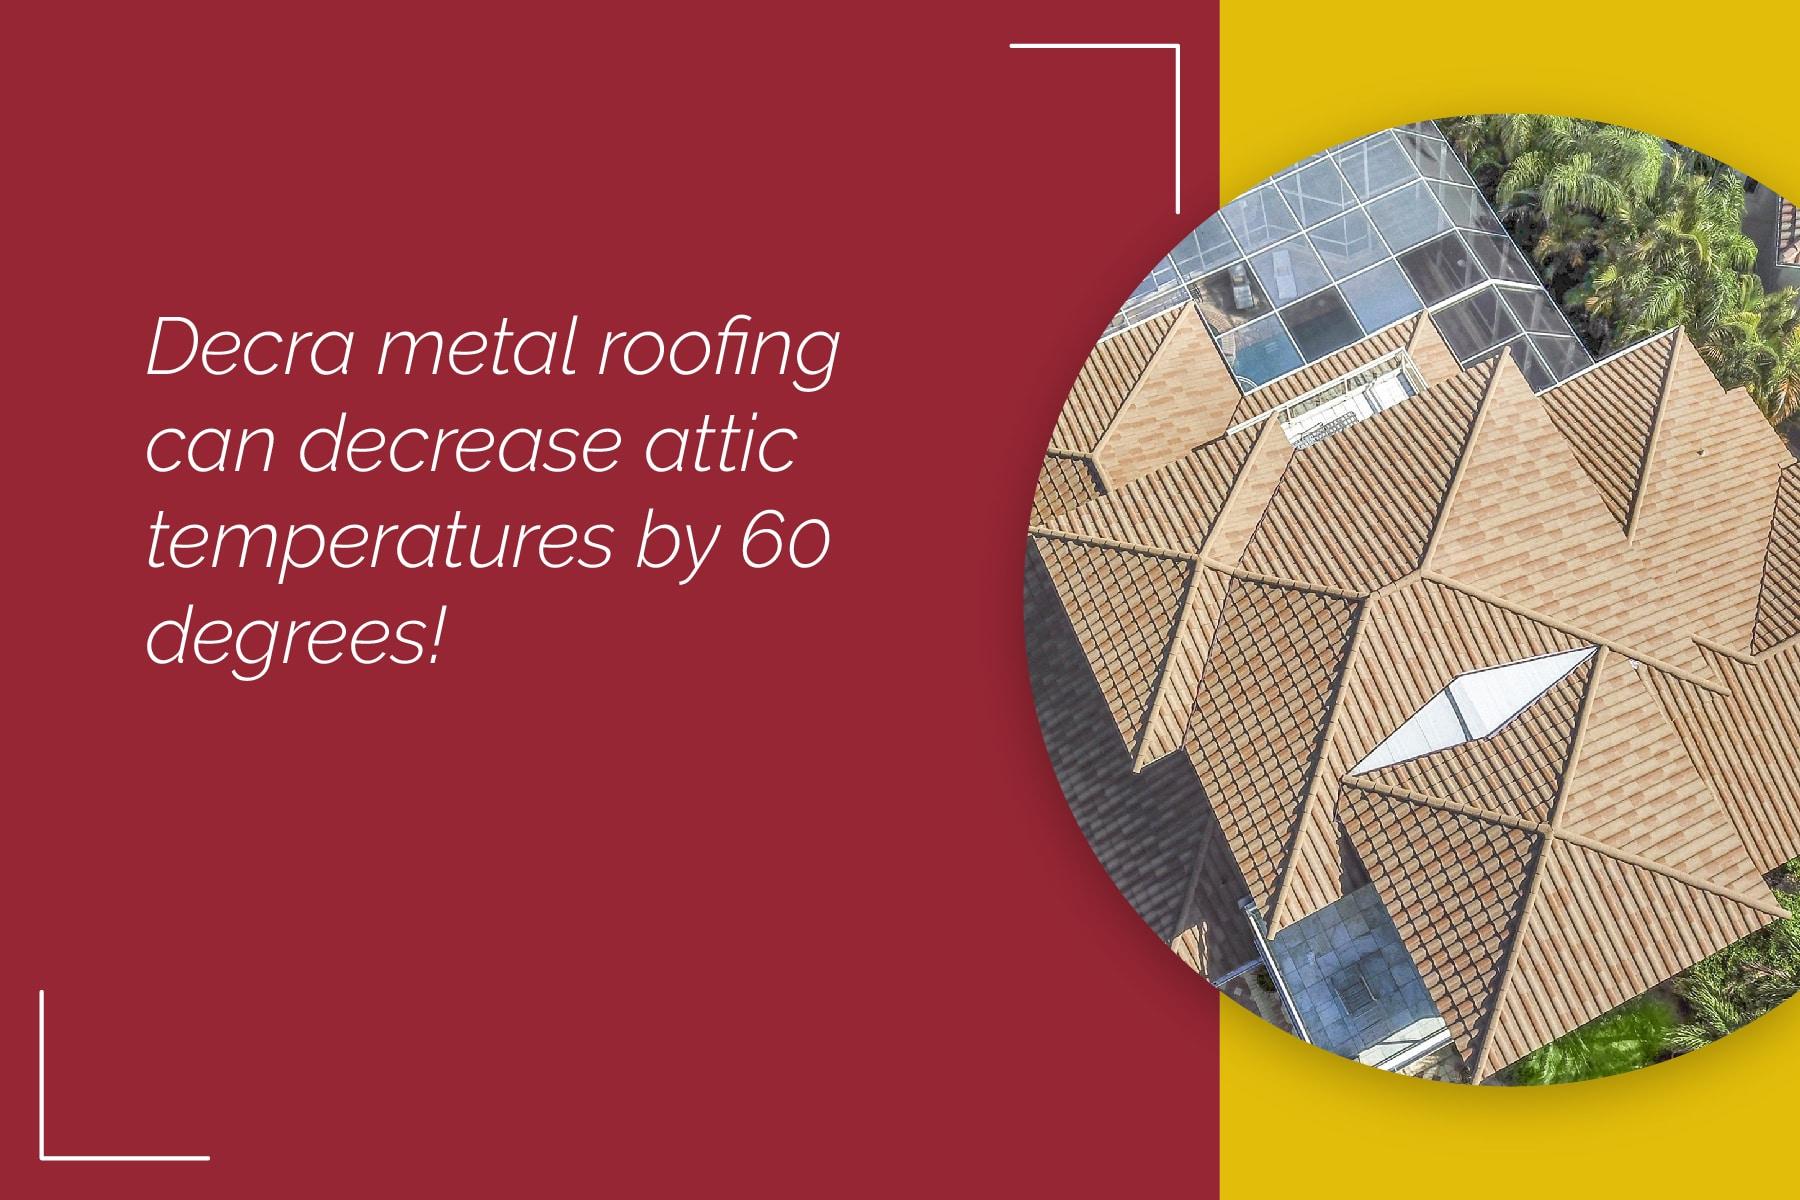 decrease attic temperatures with decra metal roofing